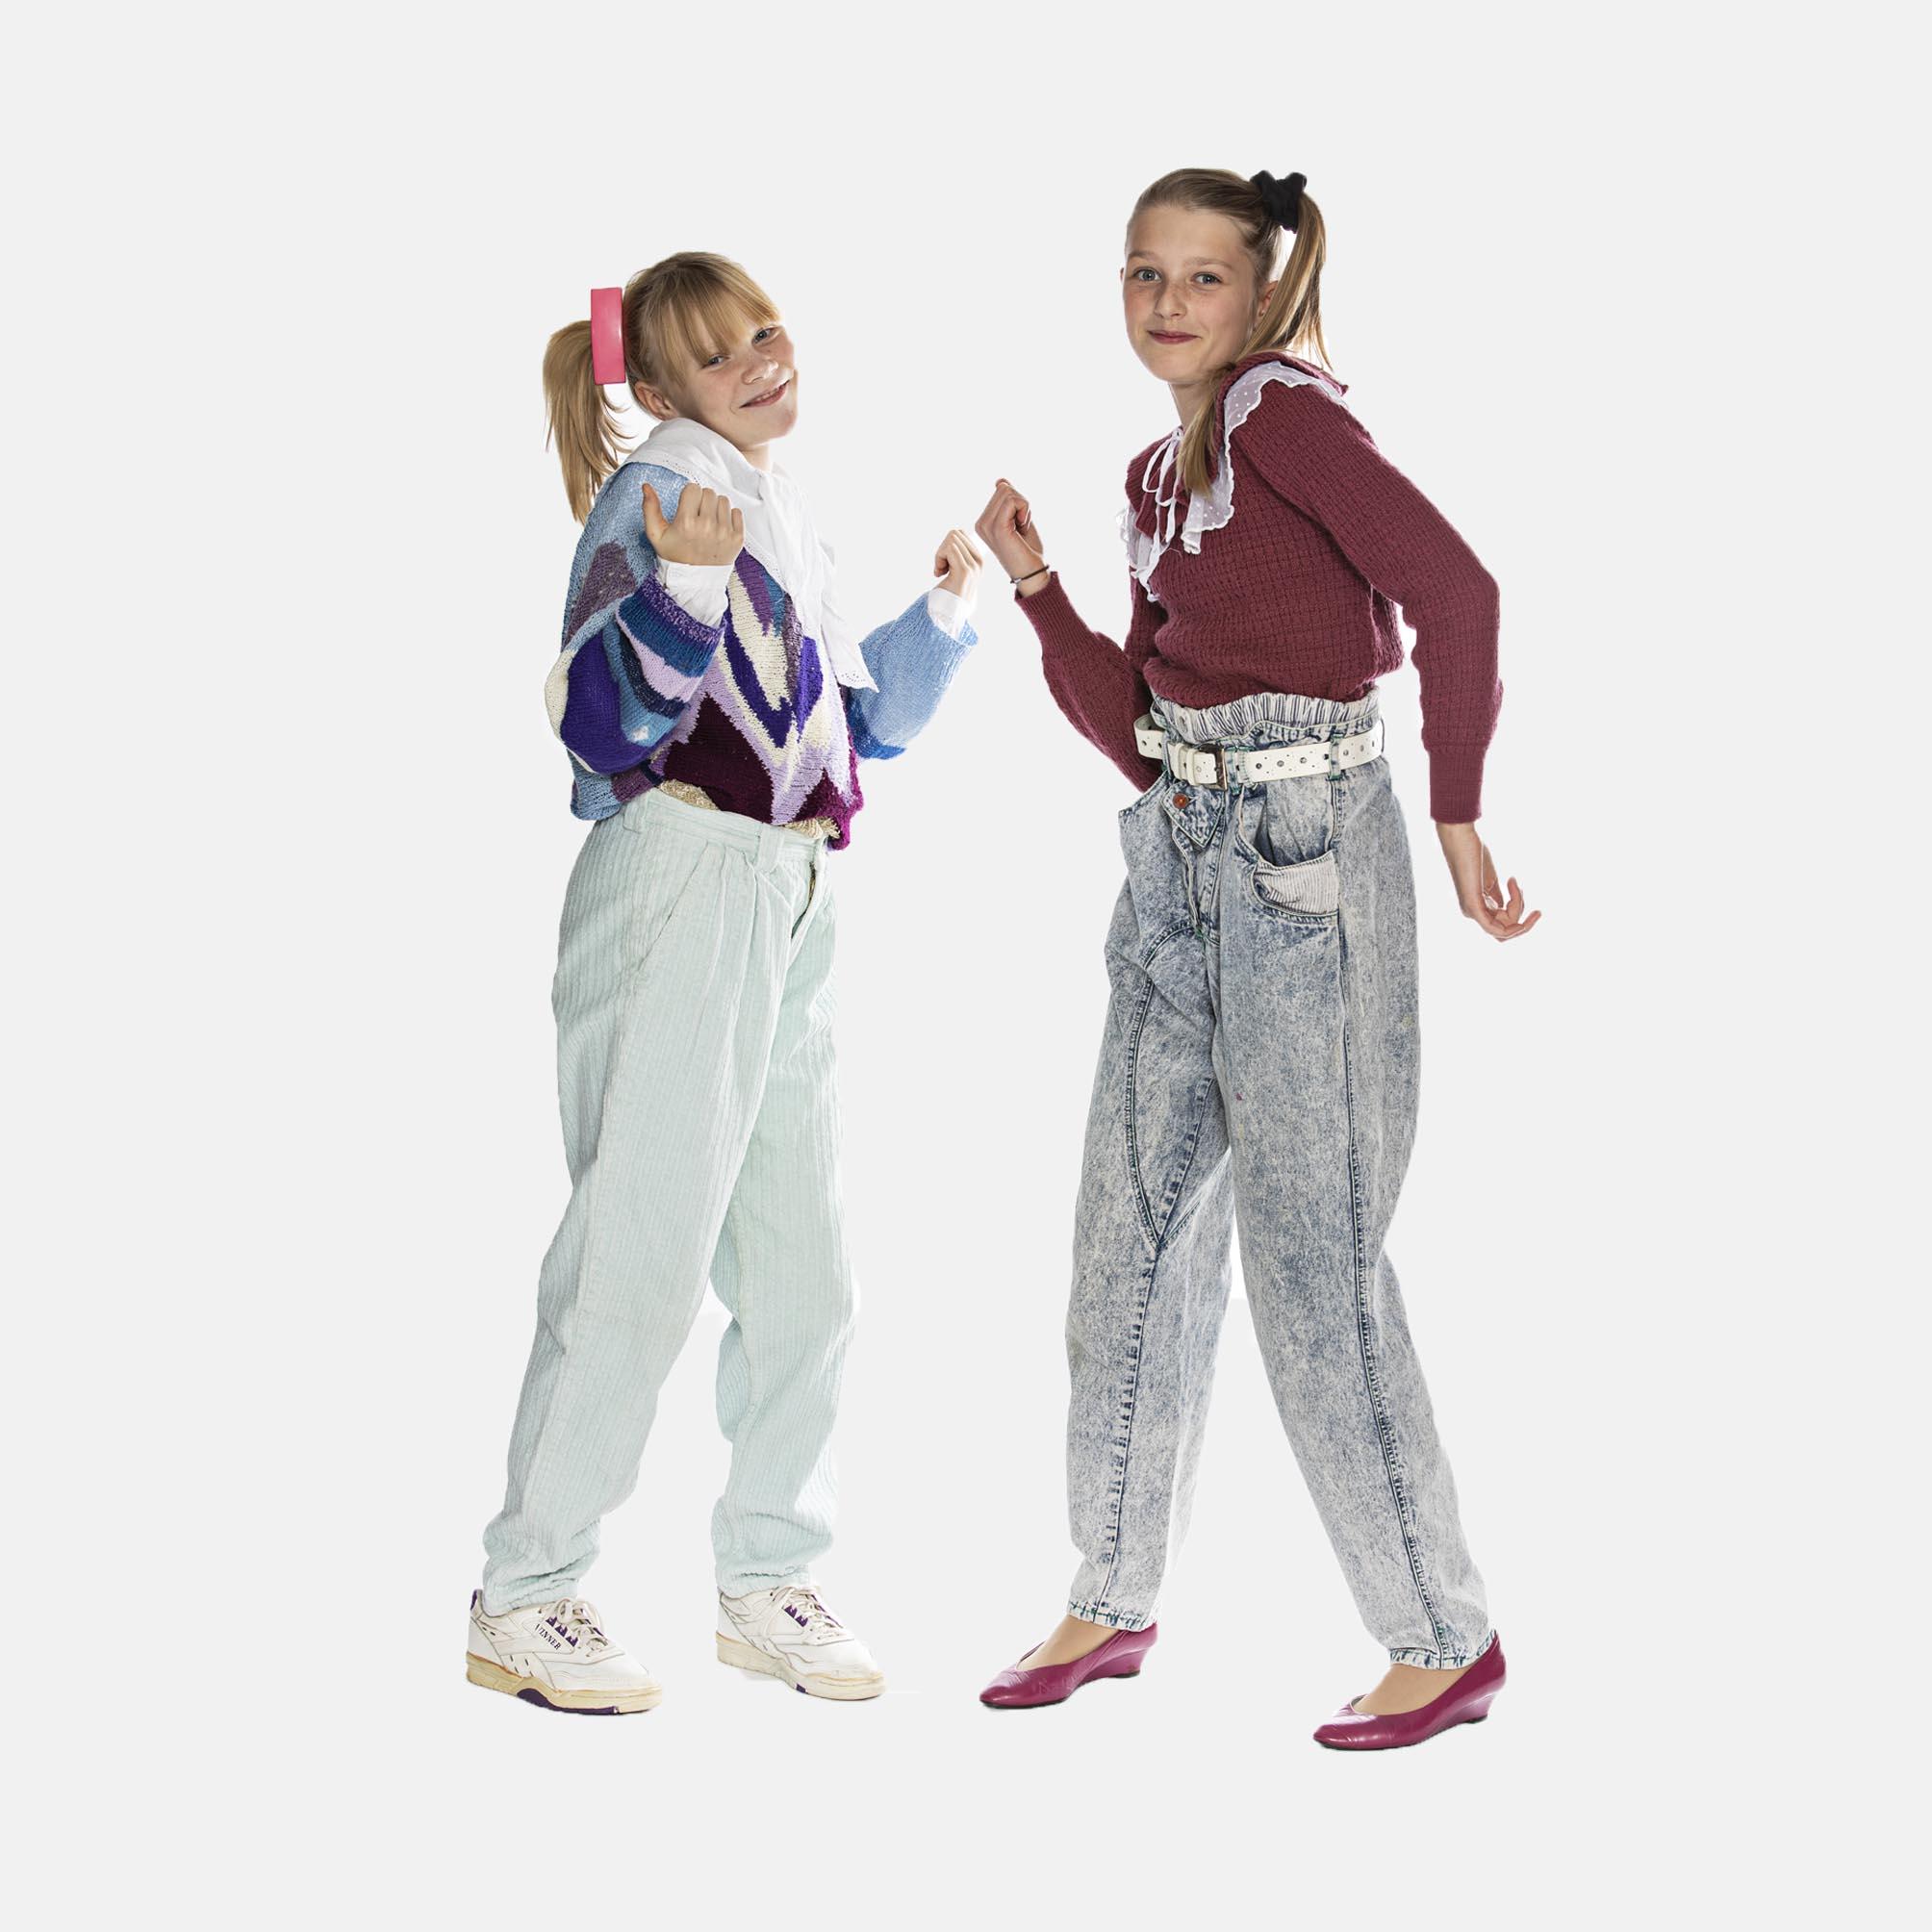 Piger fra 1980'erne med høj hestehale, bukser, farvede bluser, hårspænder, gummisko, læs om moden i 1980'erne, originalt tøj fra museet Tidens Samling, museum for klæder, form og bolig i det 20. århundrede, Kulturmaskinen, Farvergården, Brandts Klædefabrik, Odense